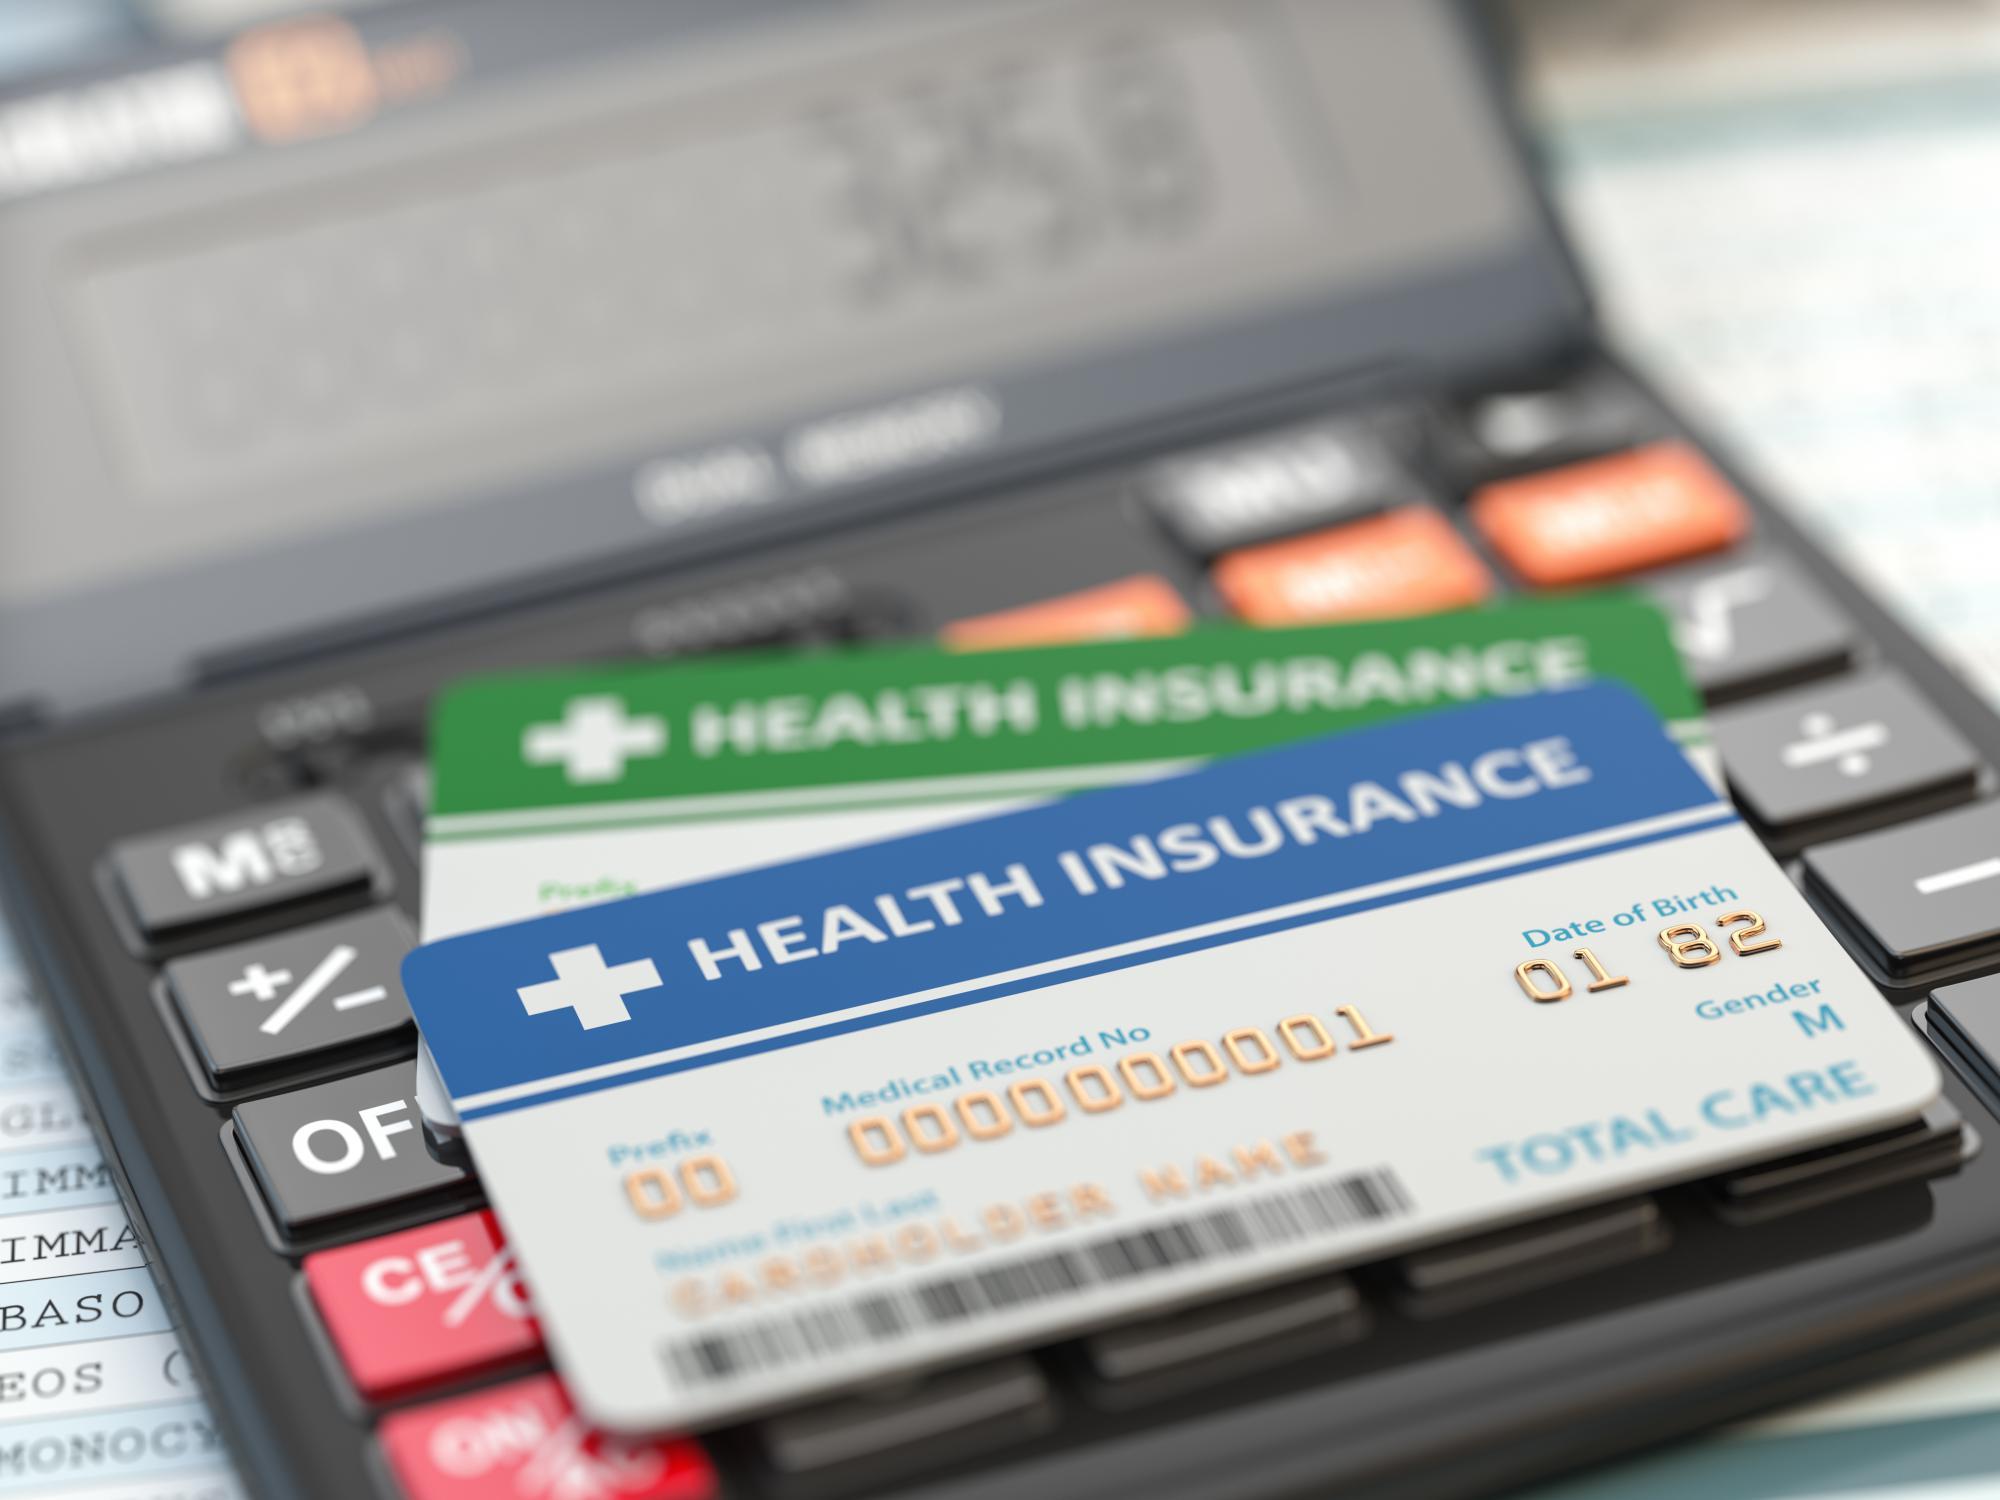 Договоры медицинского страхования: учет «полезный» для здоровья.